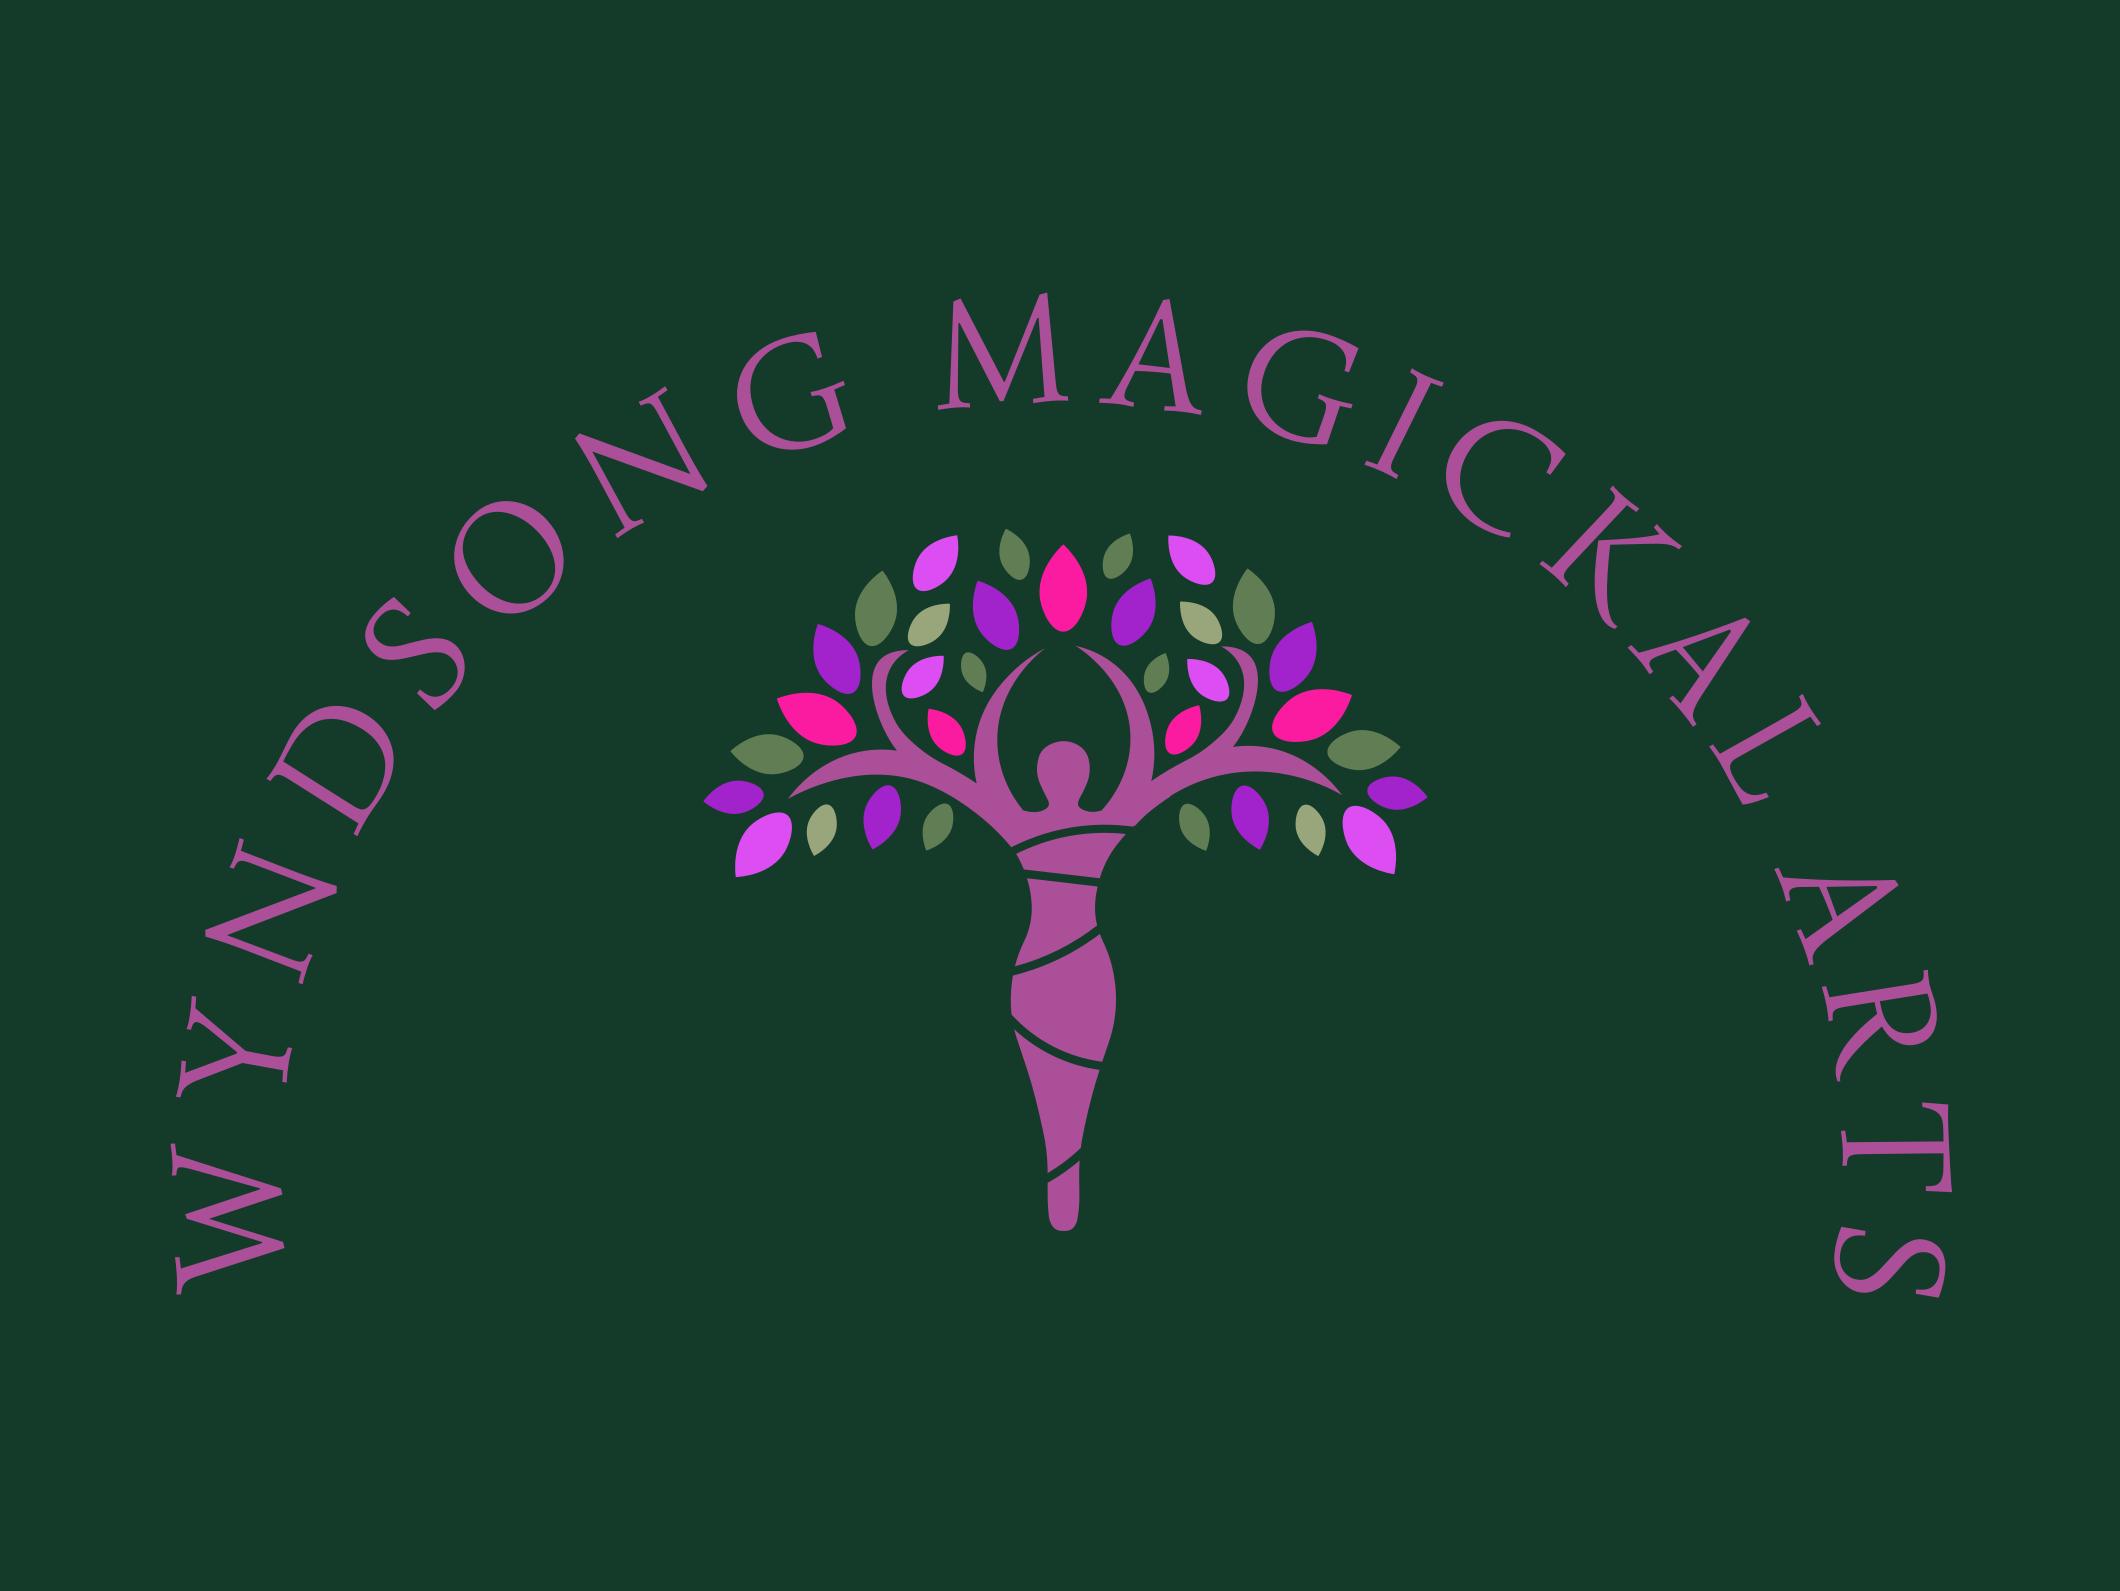 Wyndsong Magickal Arts